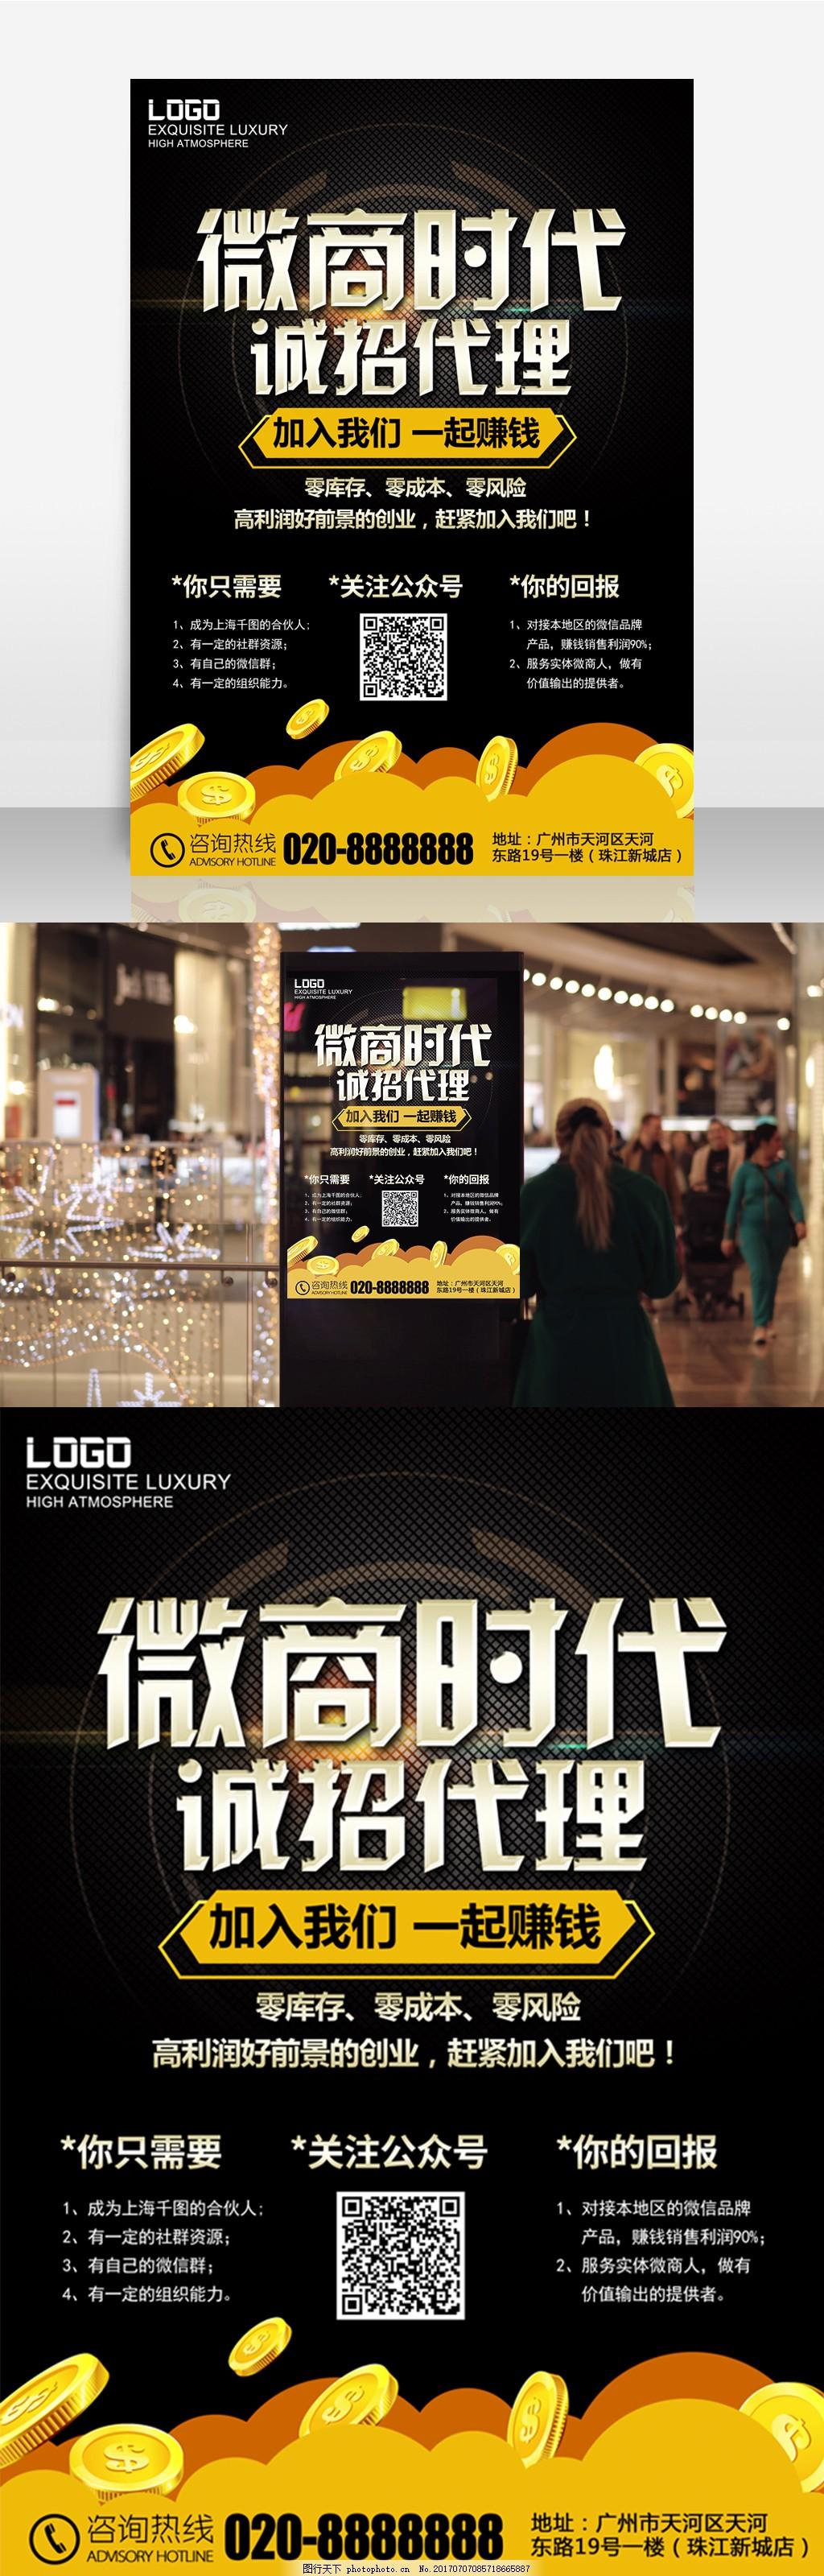 黑金创意字体设计微商海报设计 微商时代 金属字体 质感背景 招商